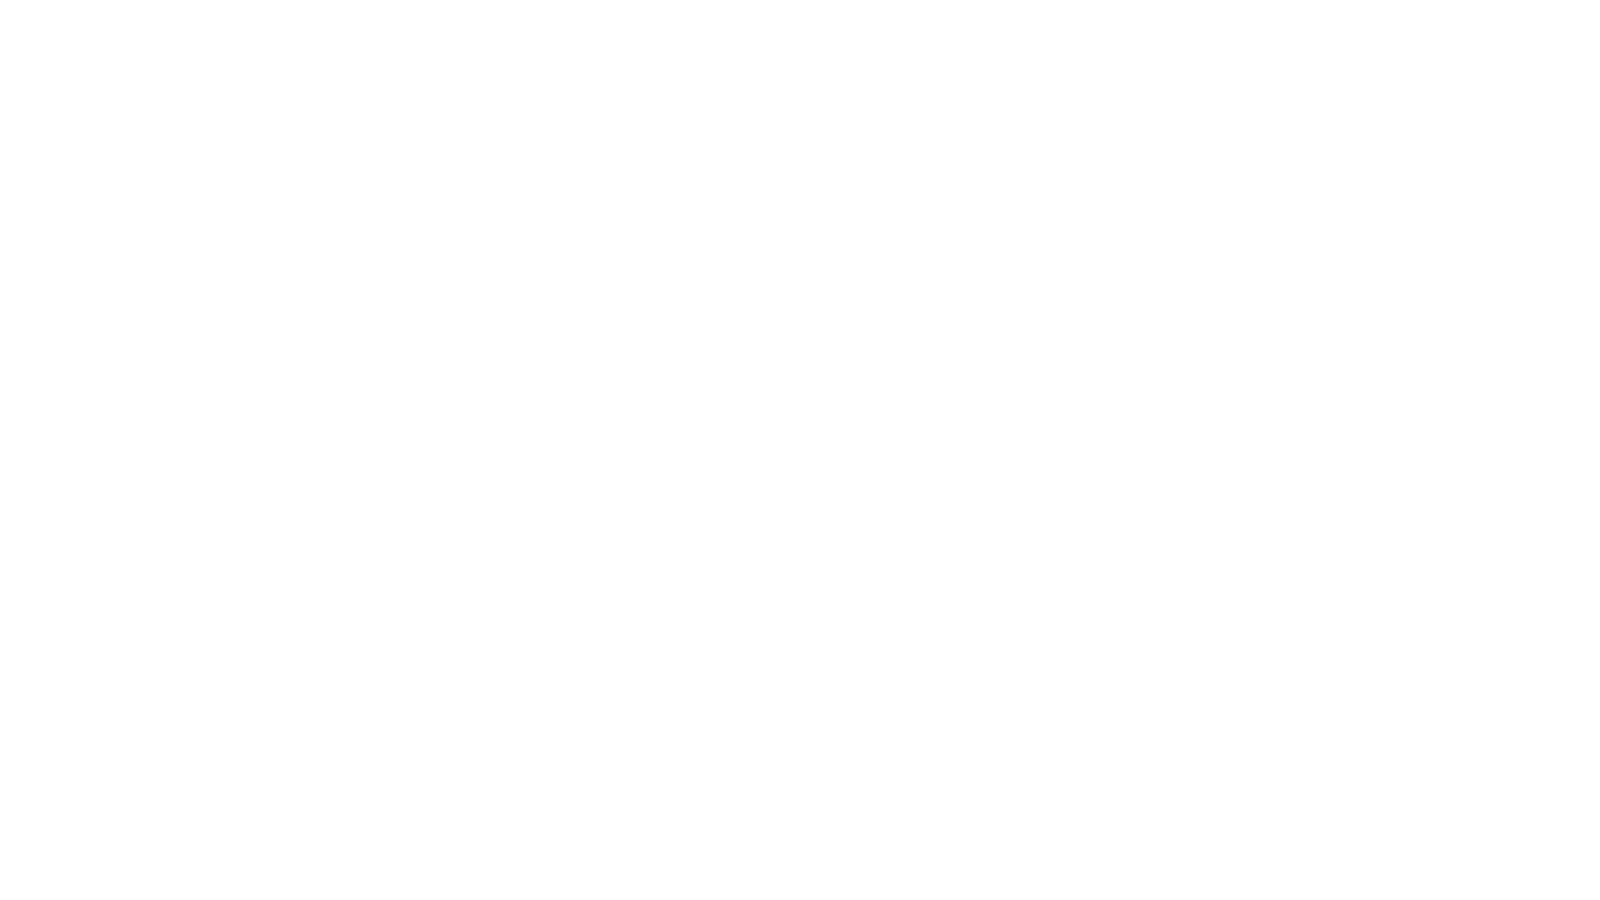 В Стригинской сельской библиотеке в рамках Года народного единства продолжается поэтический видеомарафон «И в песнях, и в стихах поэтов, пусть расцветает край родной».